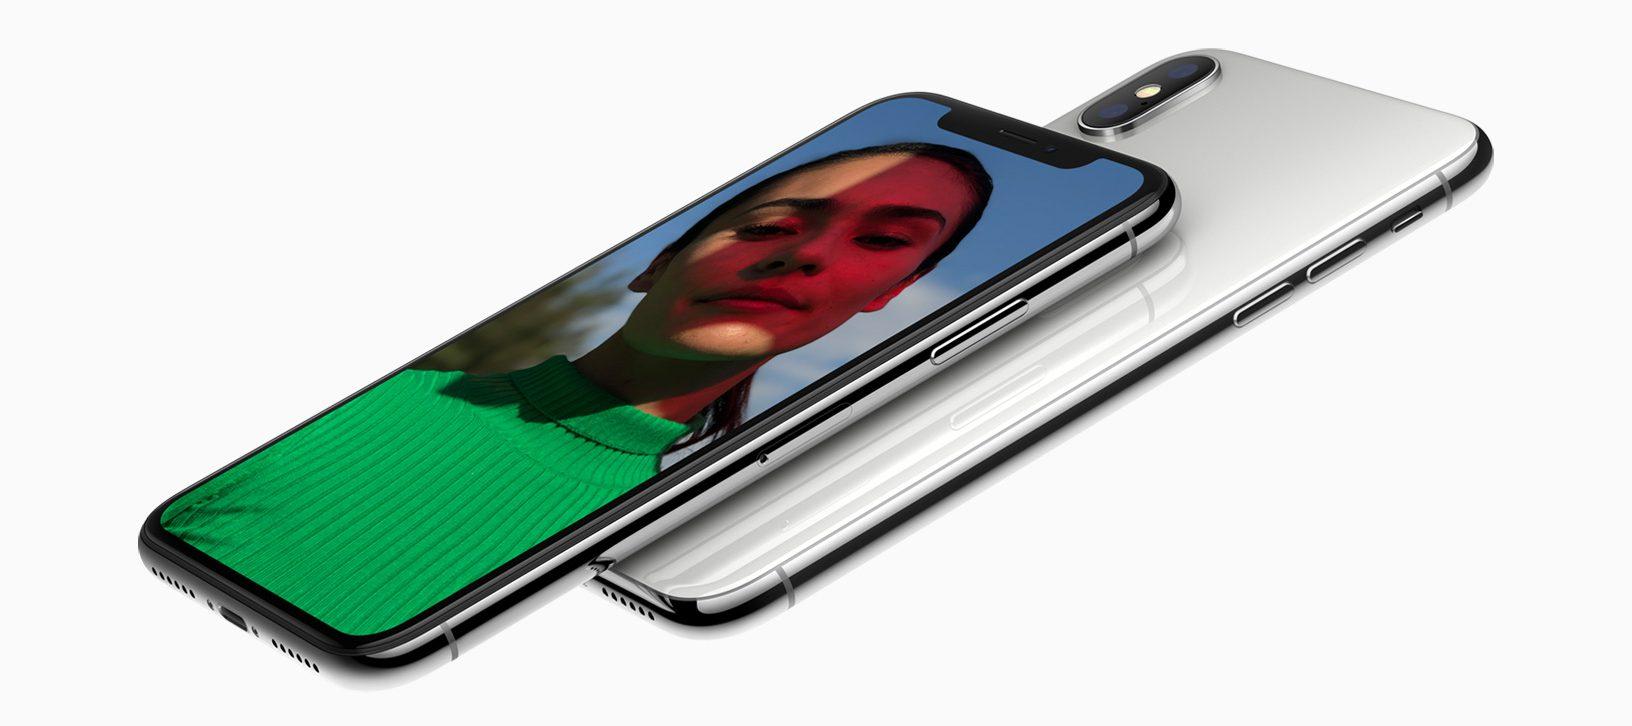 Apple iphone x review the future can wait quartz publicscrutiny Images